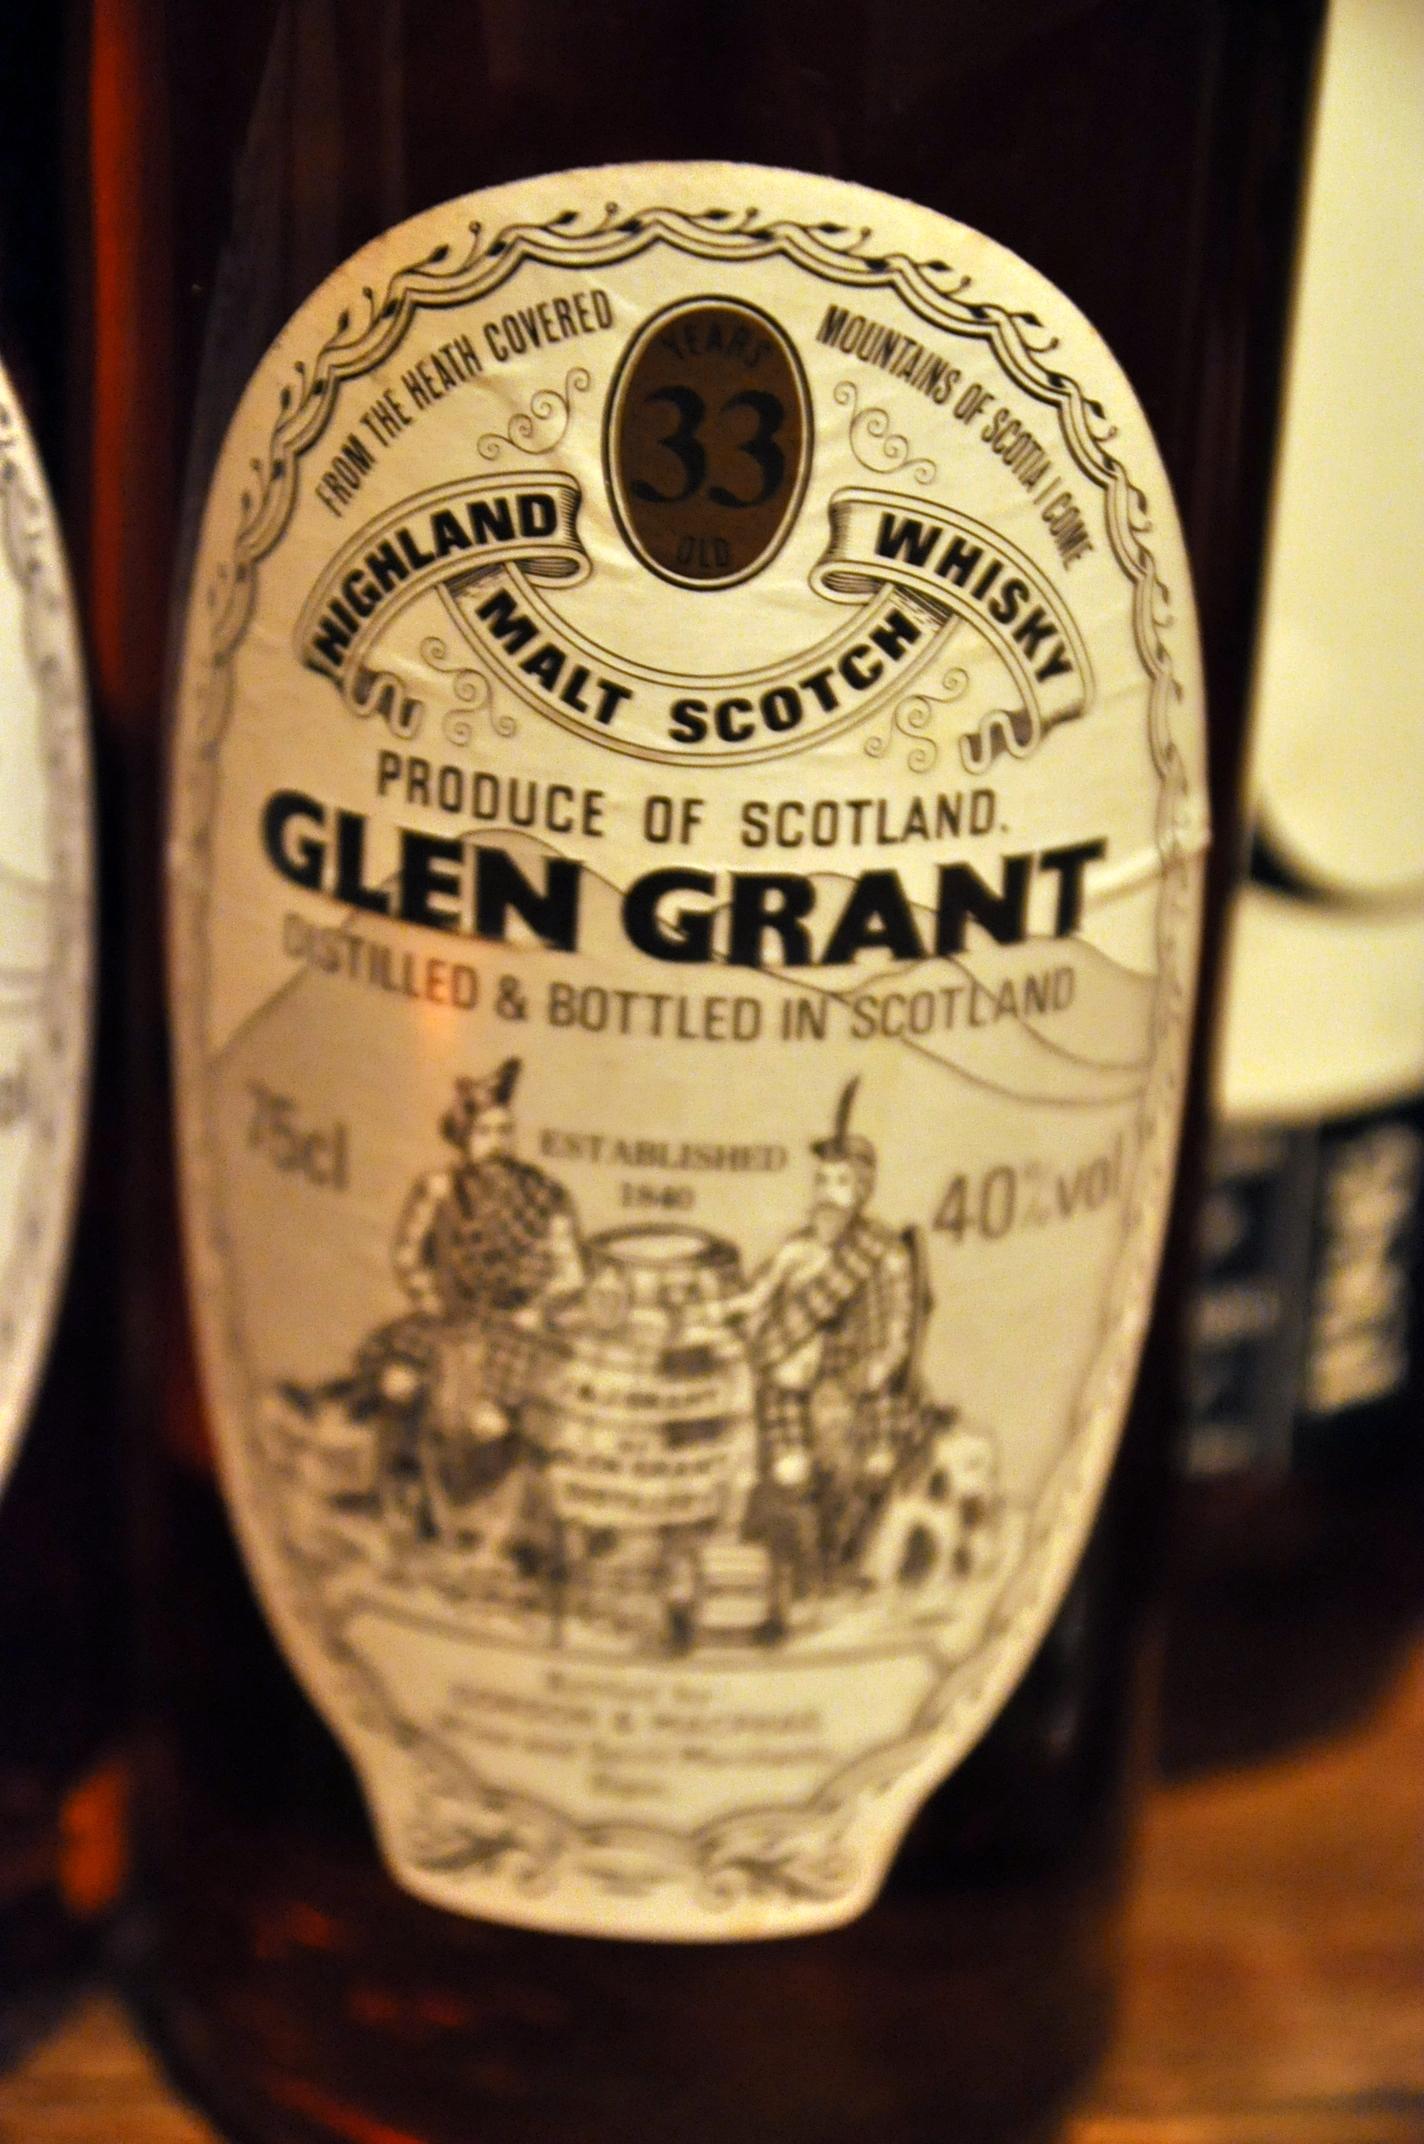 グレングラント Glen Grant 33yo (40%, G&M Licensed bottling, 75cl)